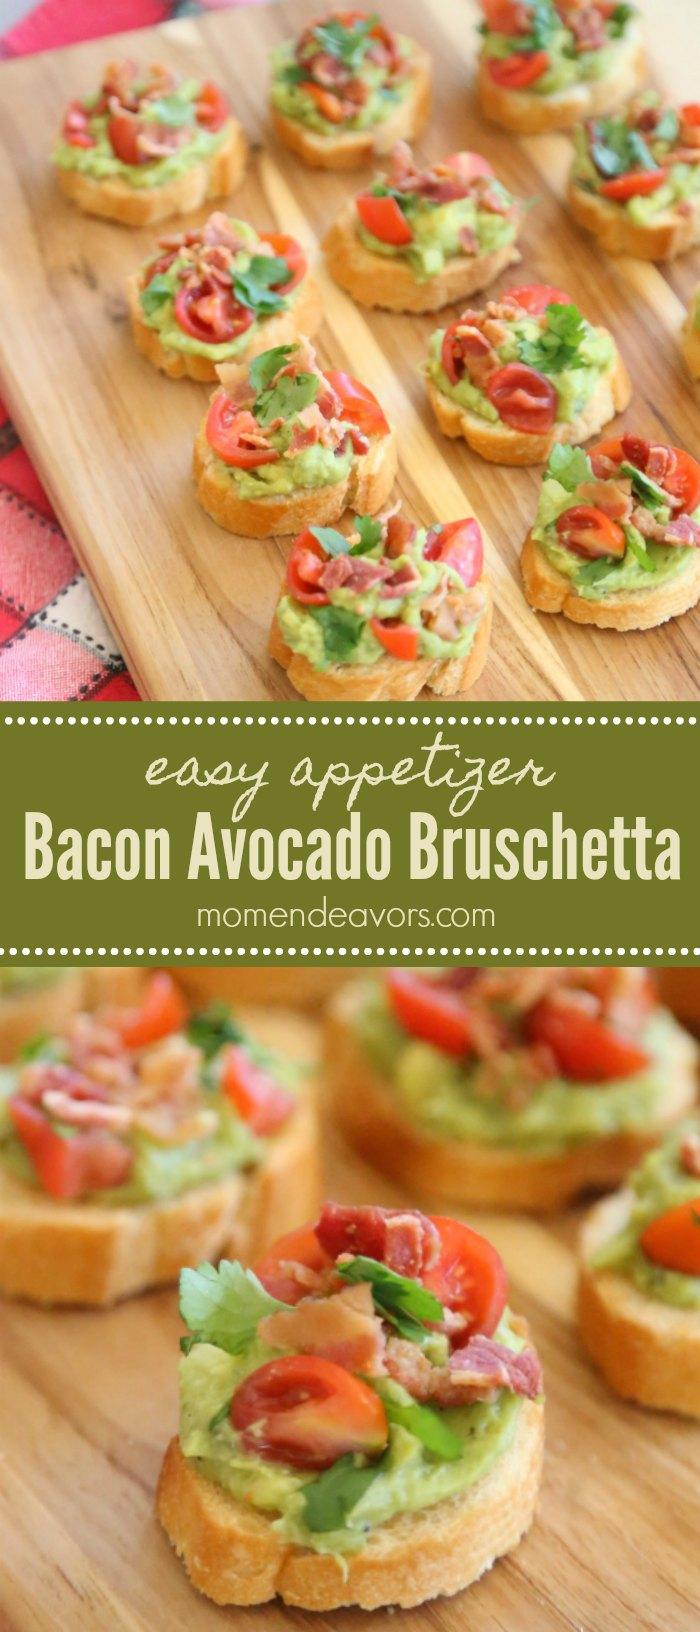 Bacon Avocado Bruschetta Appetizer